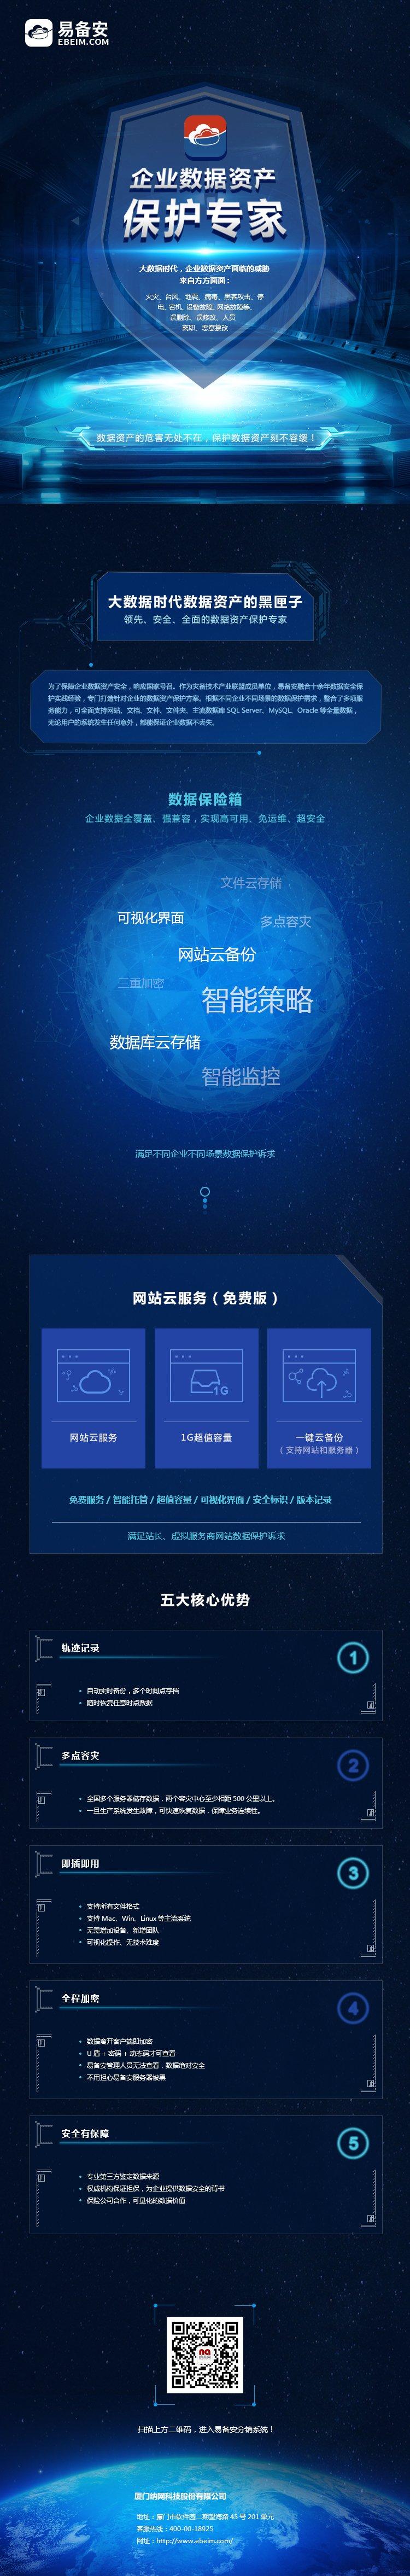 易备安网站云服务图片